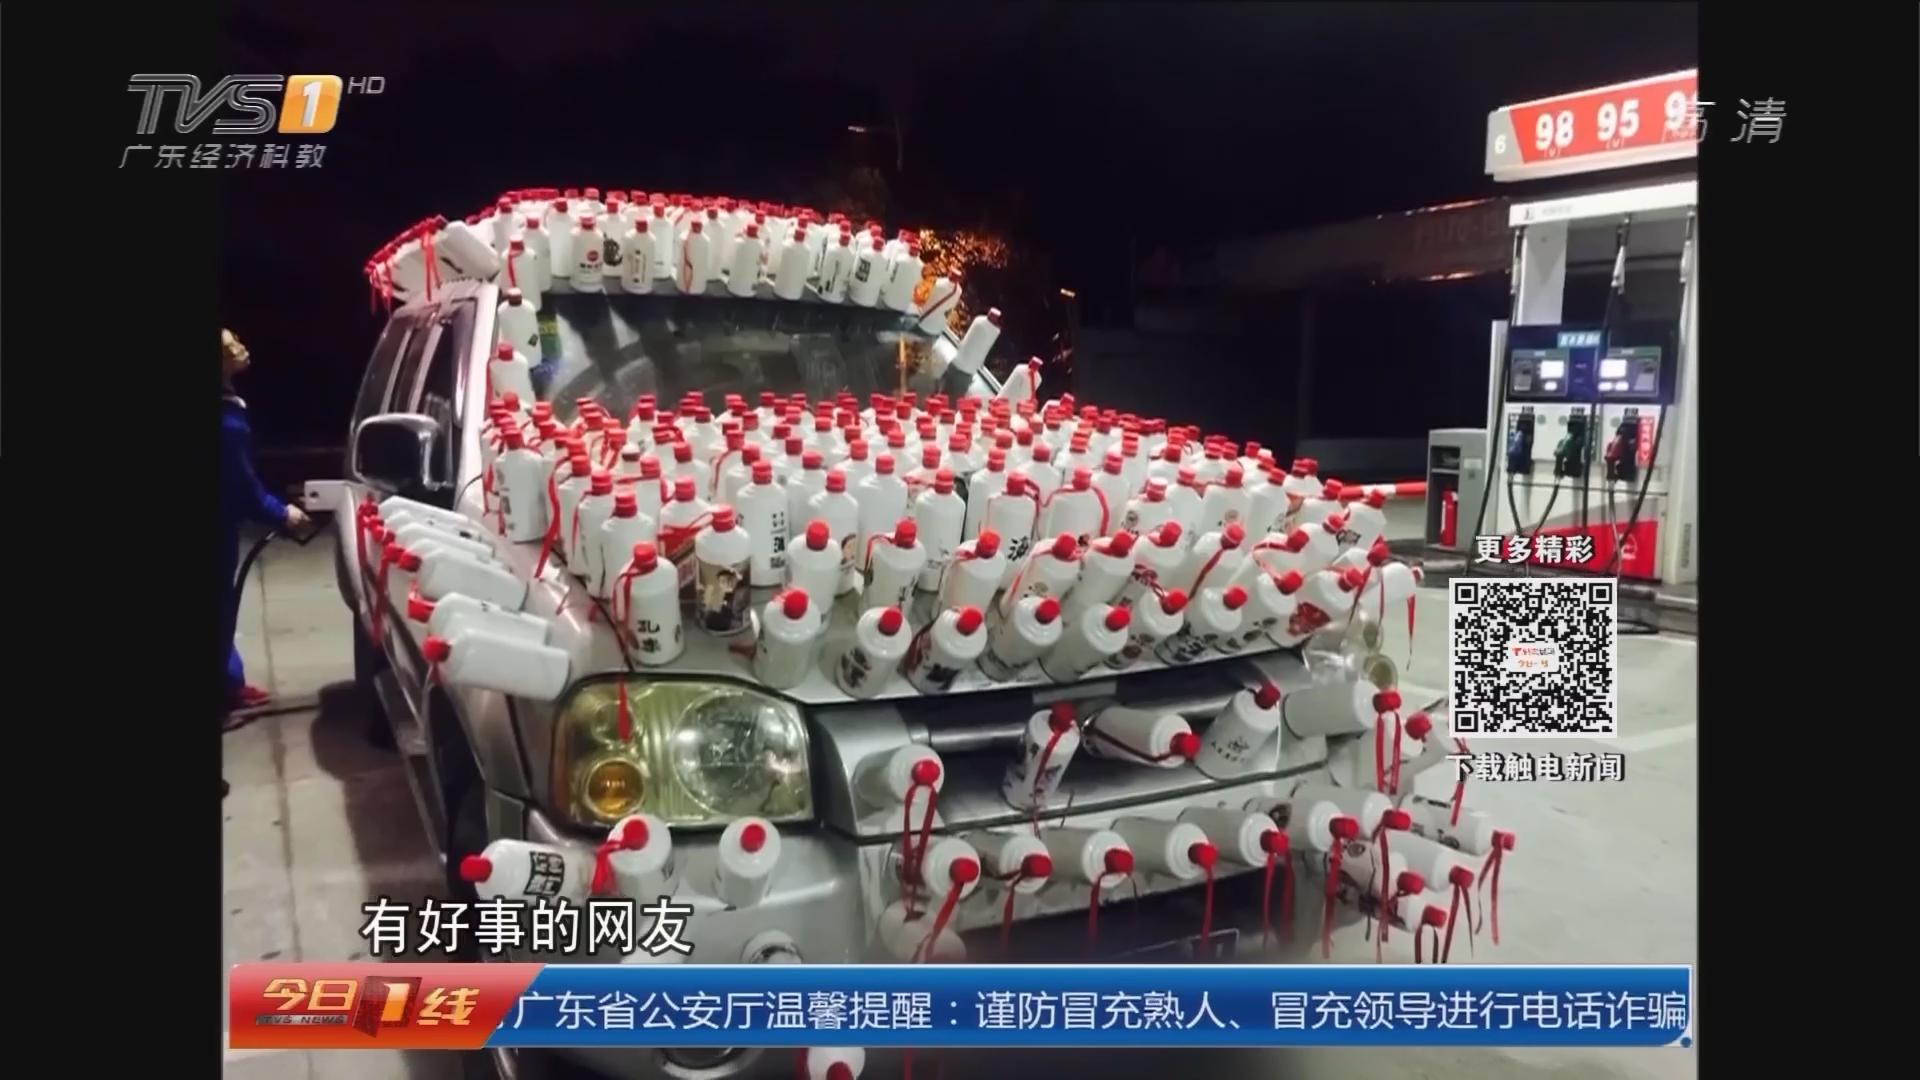 深圳南山:奇葩车沾满酒瓶 密集恐惧症勿入!